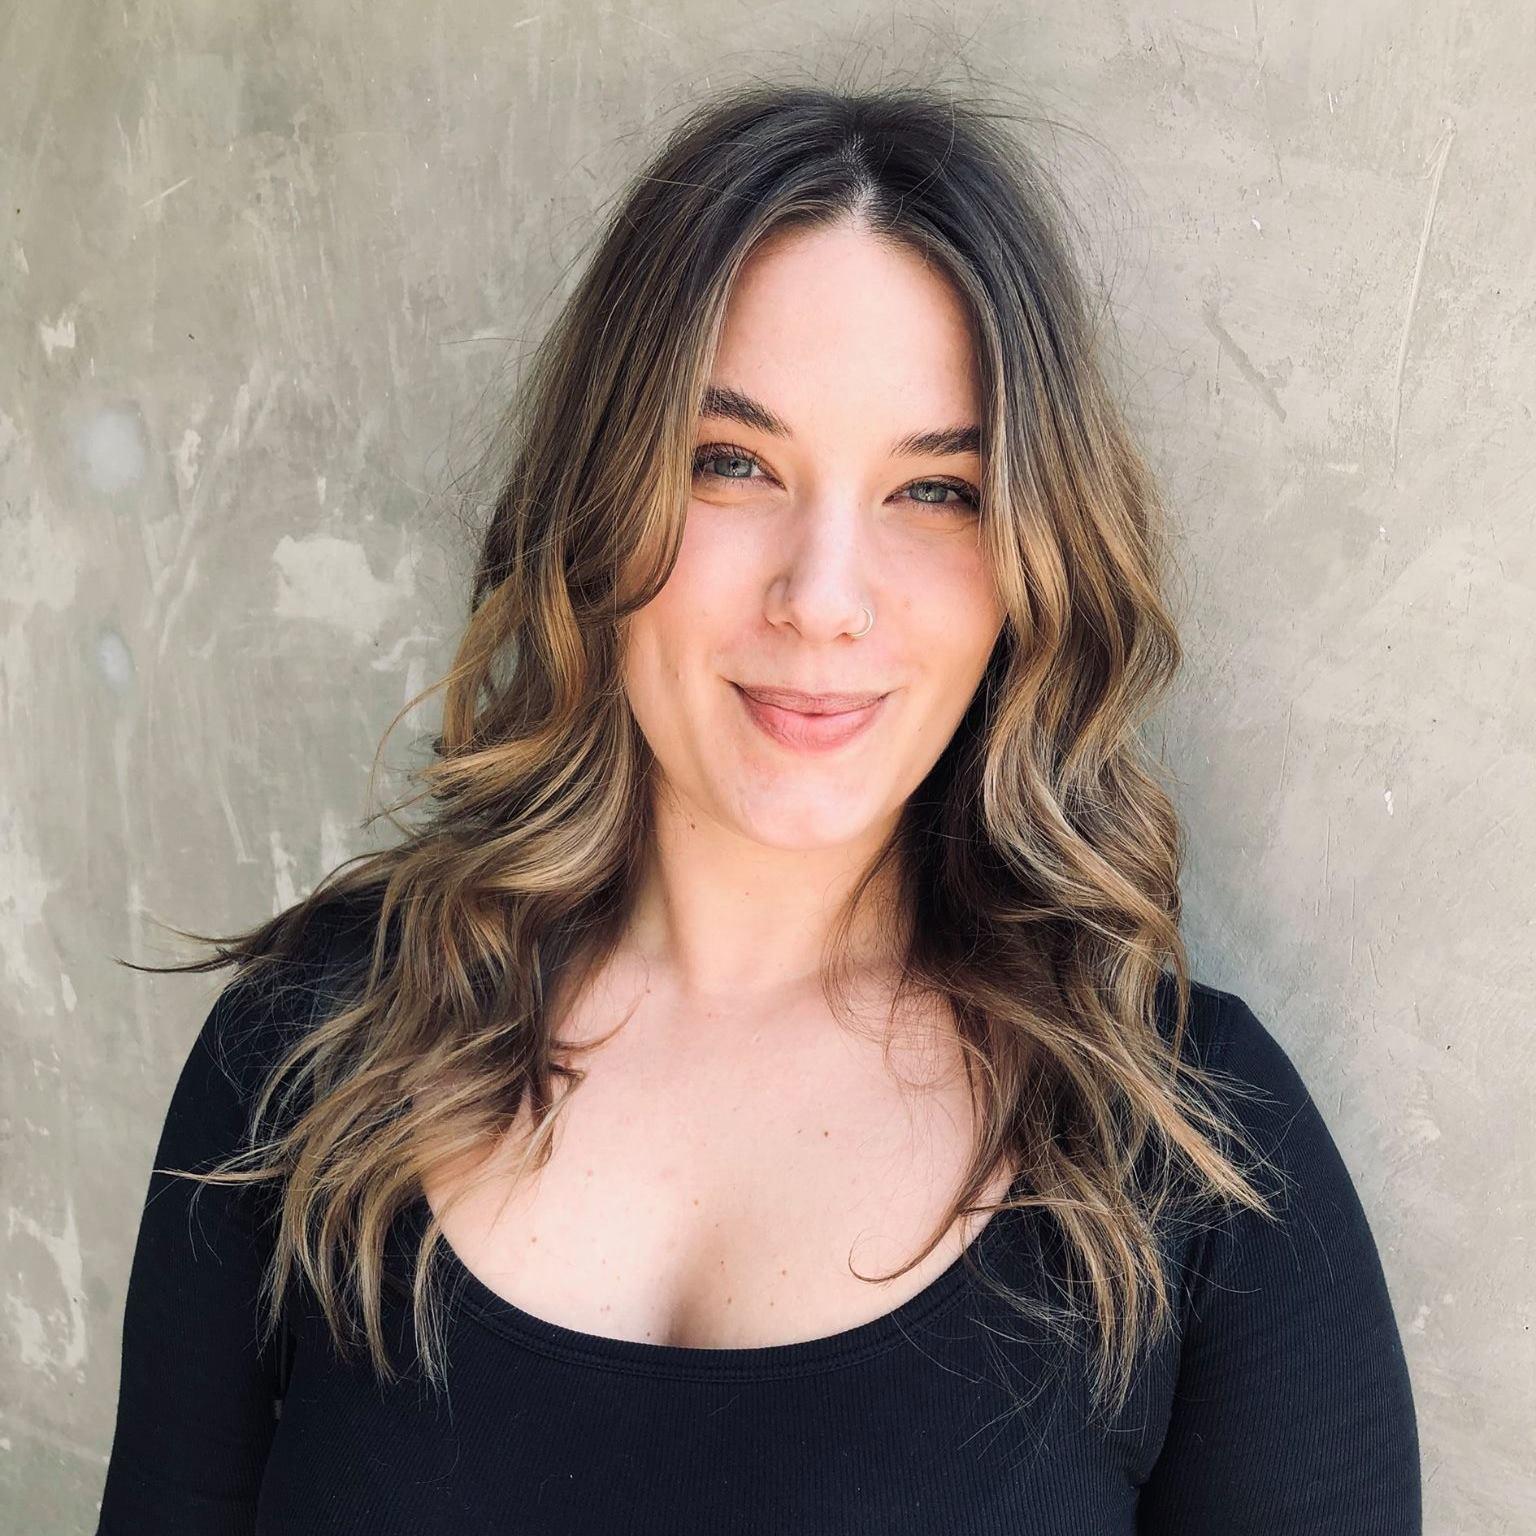 Sarah Reisch